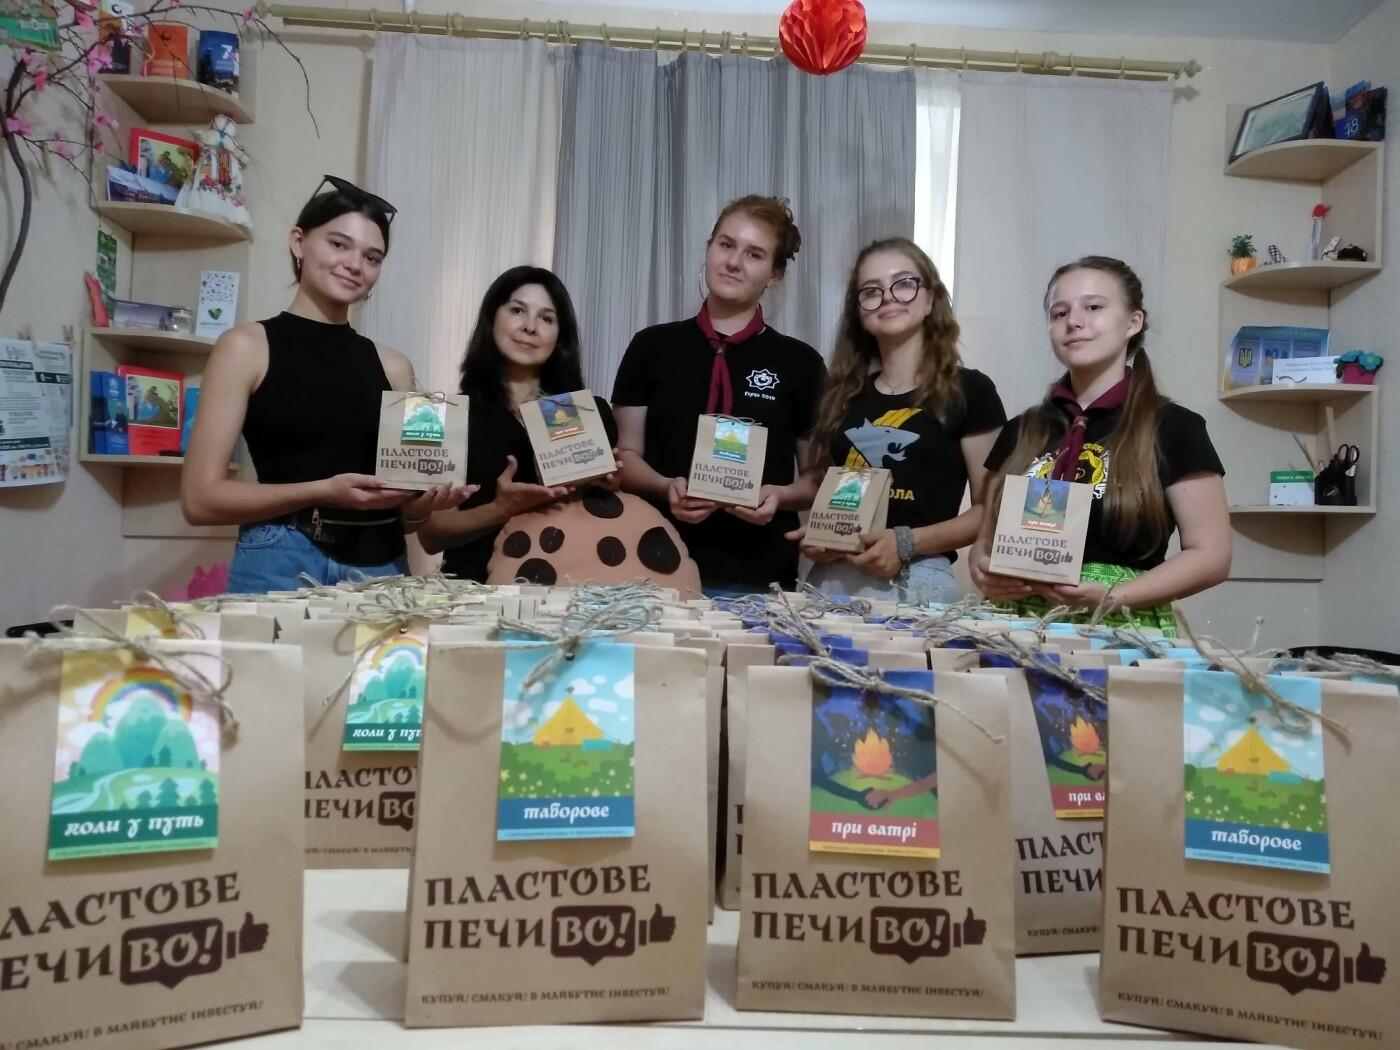 В Кривом Роге можно купить пластовое печенье, приготовленное по уникальному рецепту, - ФОТО, фото-1